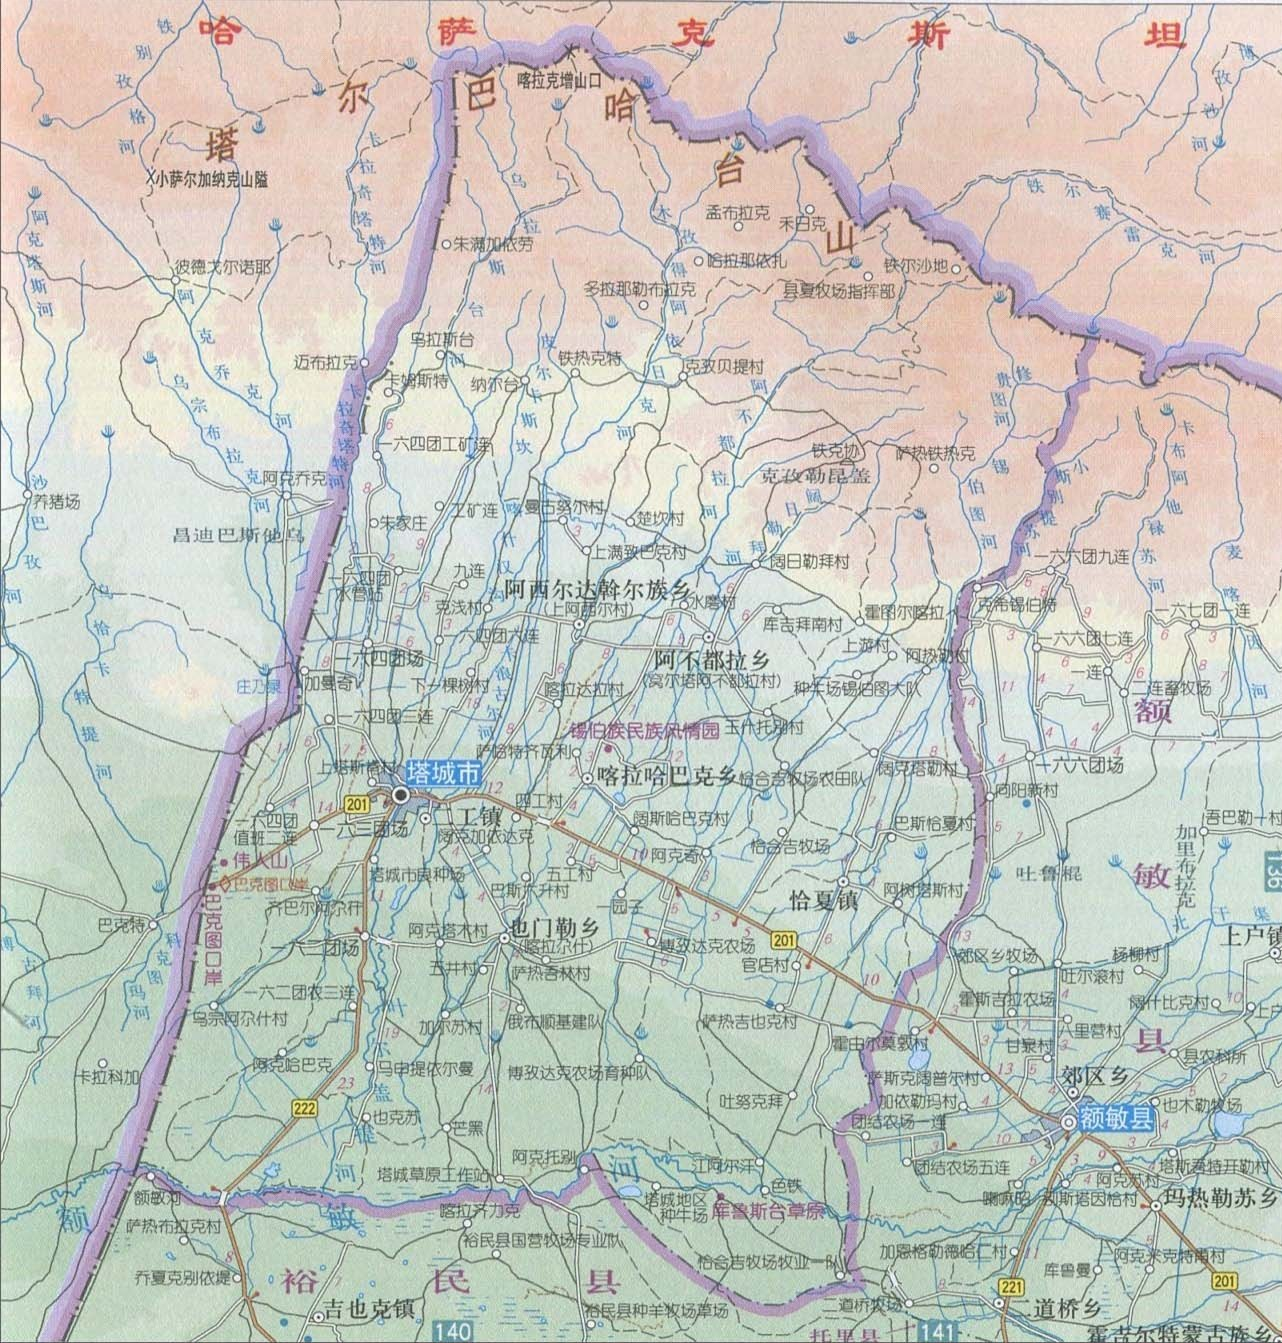 隋朝时朝鲜半岛地图